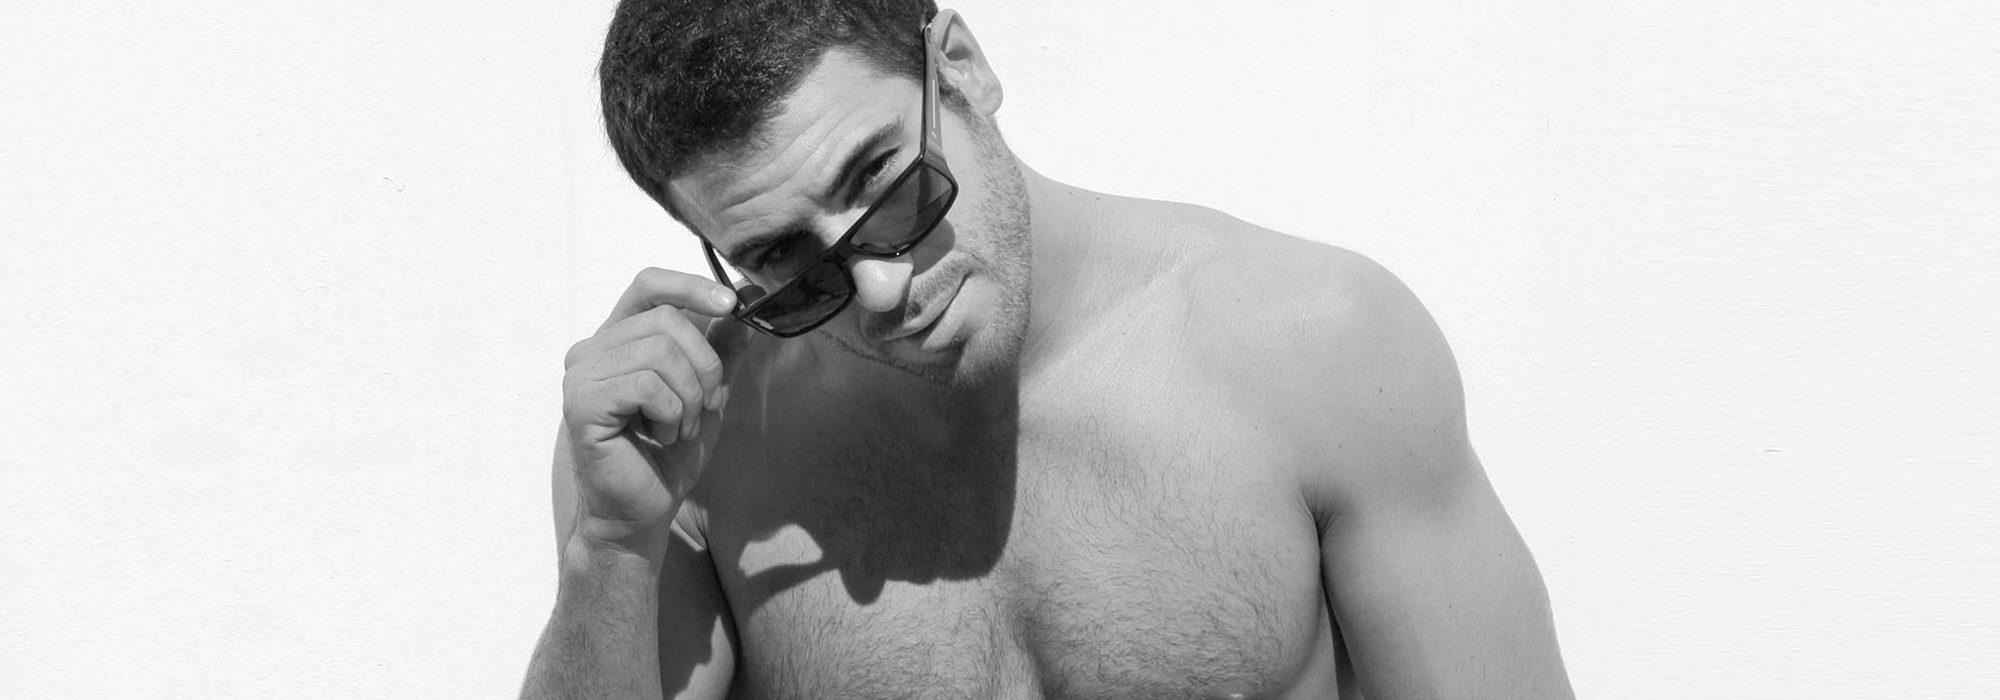 La cara oculta de Miguel Ángel Silvestre: 8 cosas que quizás no sabías del actor